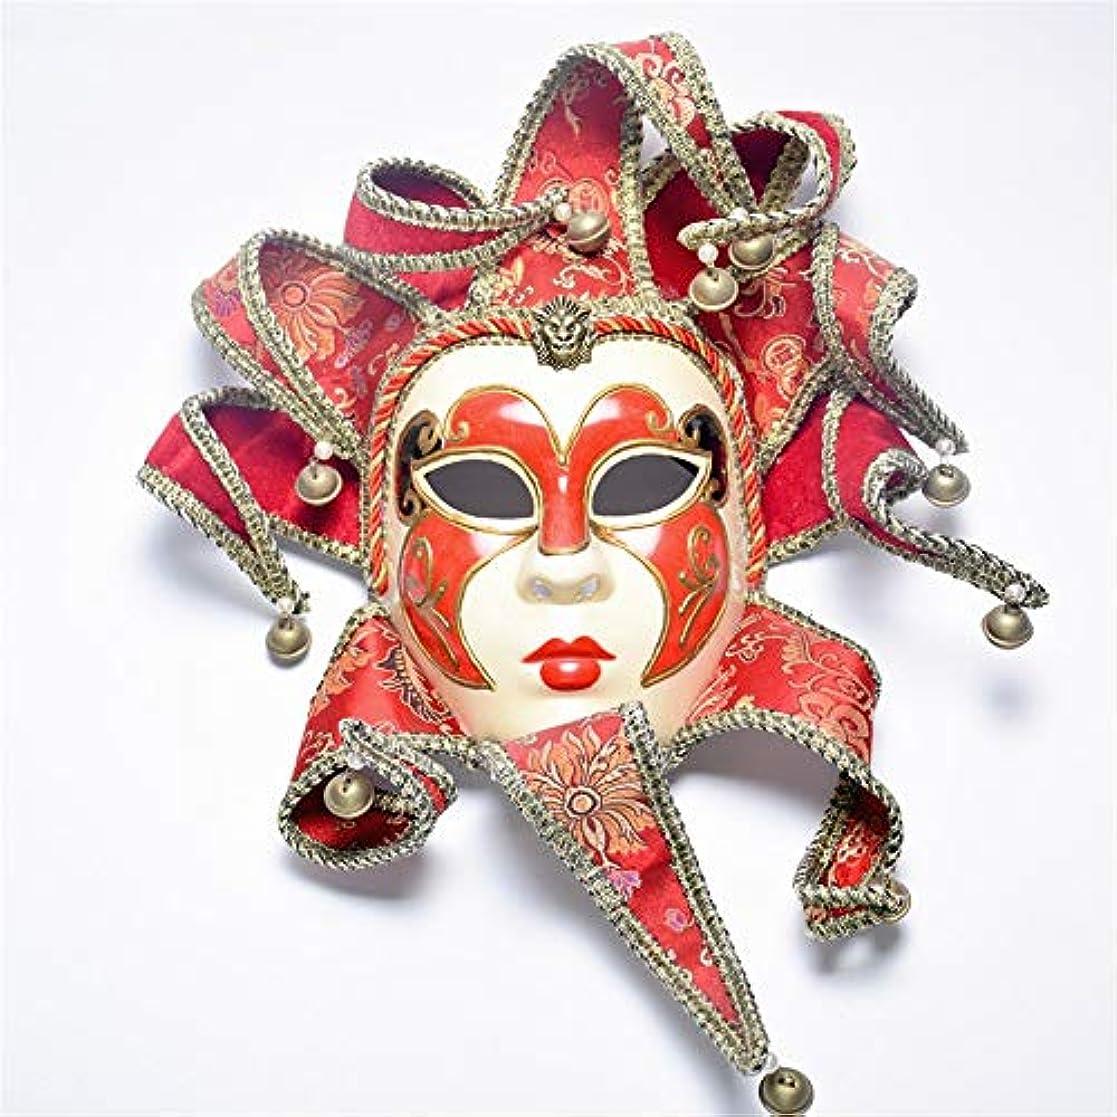 ドリル即席文明化するダンスマスク フルフェイスマスク高級パーティーベルマスク女性マスククリスマスフェスティバルロールプレイングプラスチックマスク ホリデーパーティー用品 (色 : 赤, サイズ : 49x29cm)